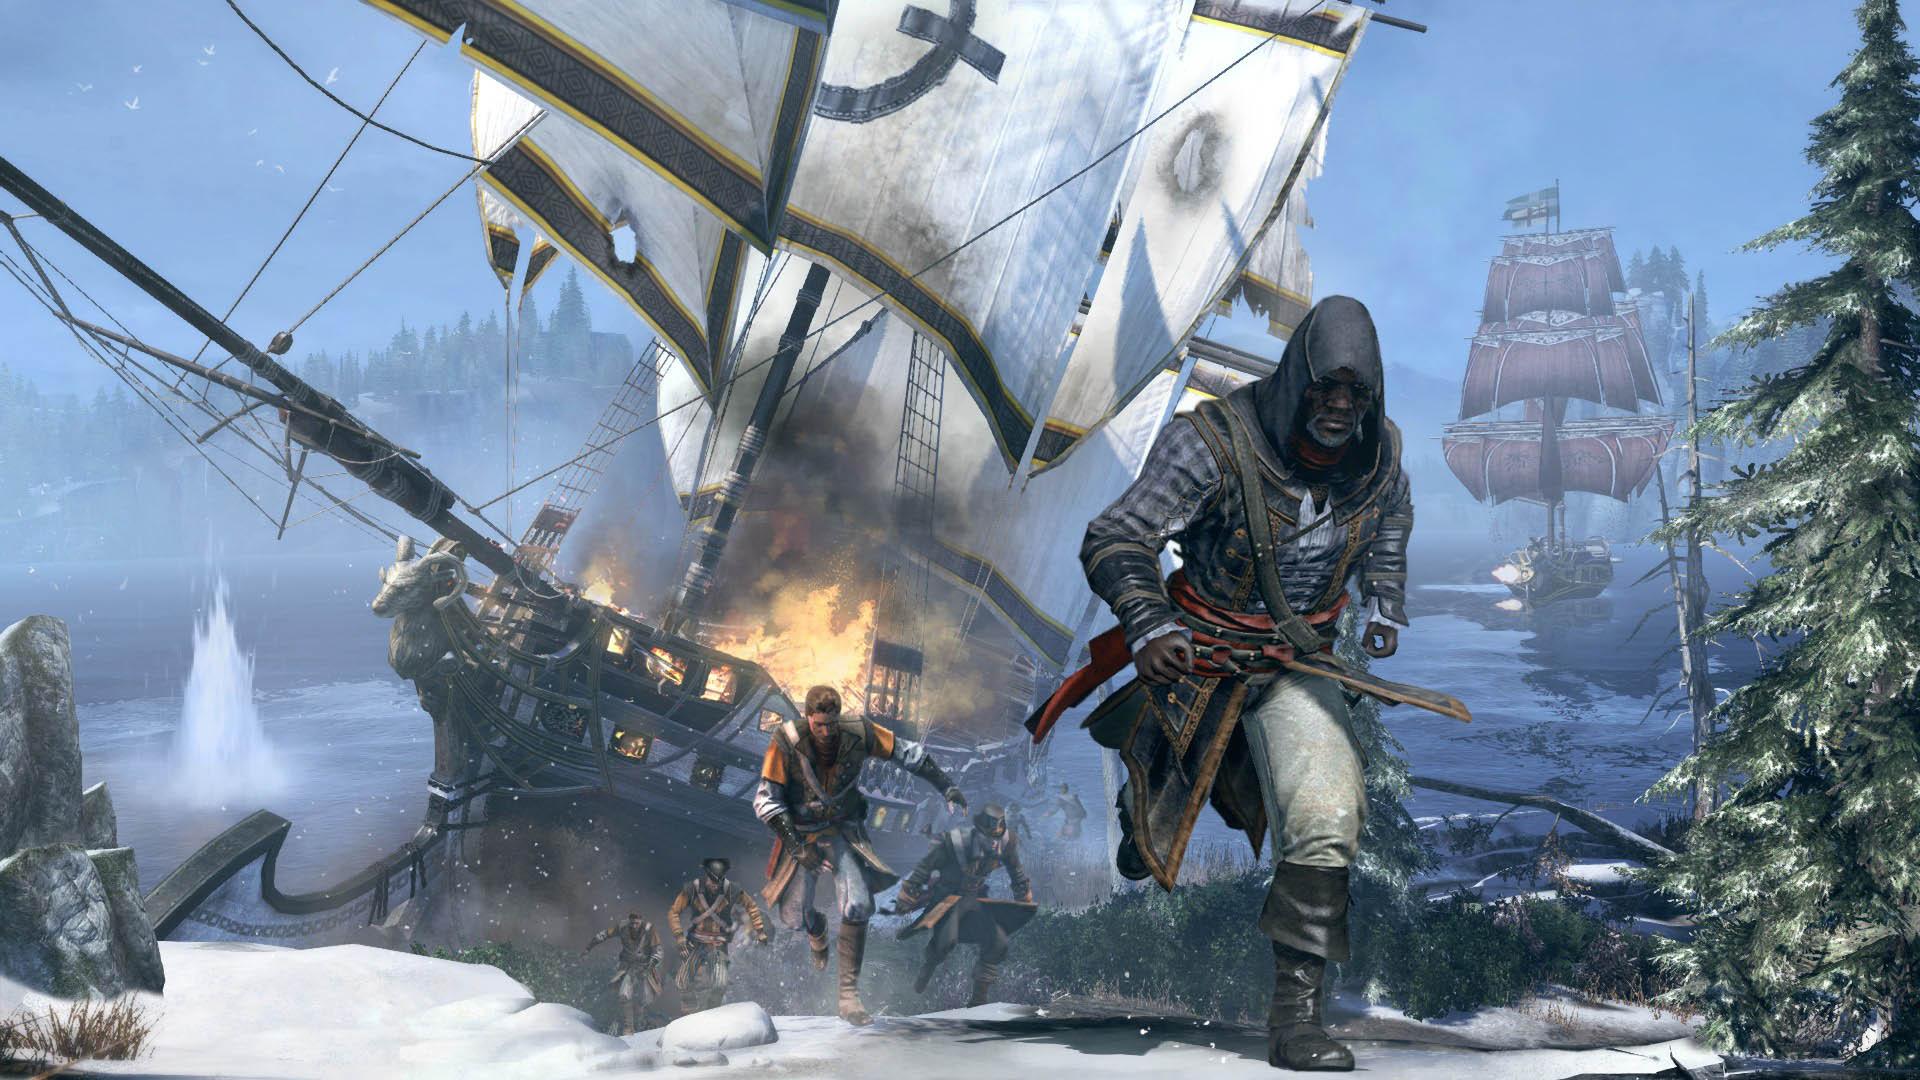 Ремастер Assassin's Creed: Rogue выйдет в марте